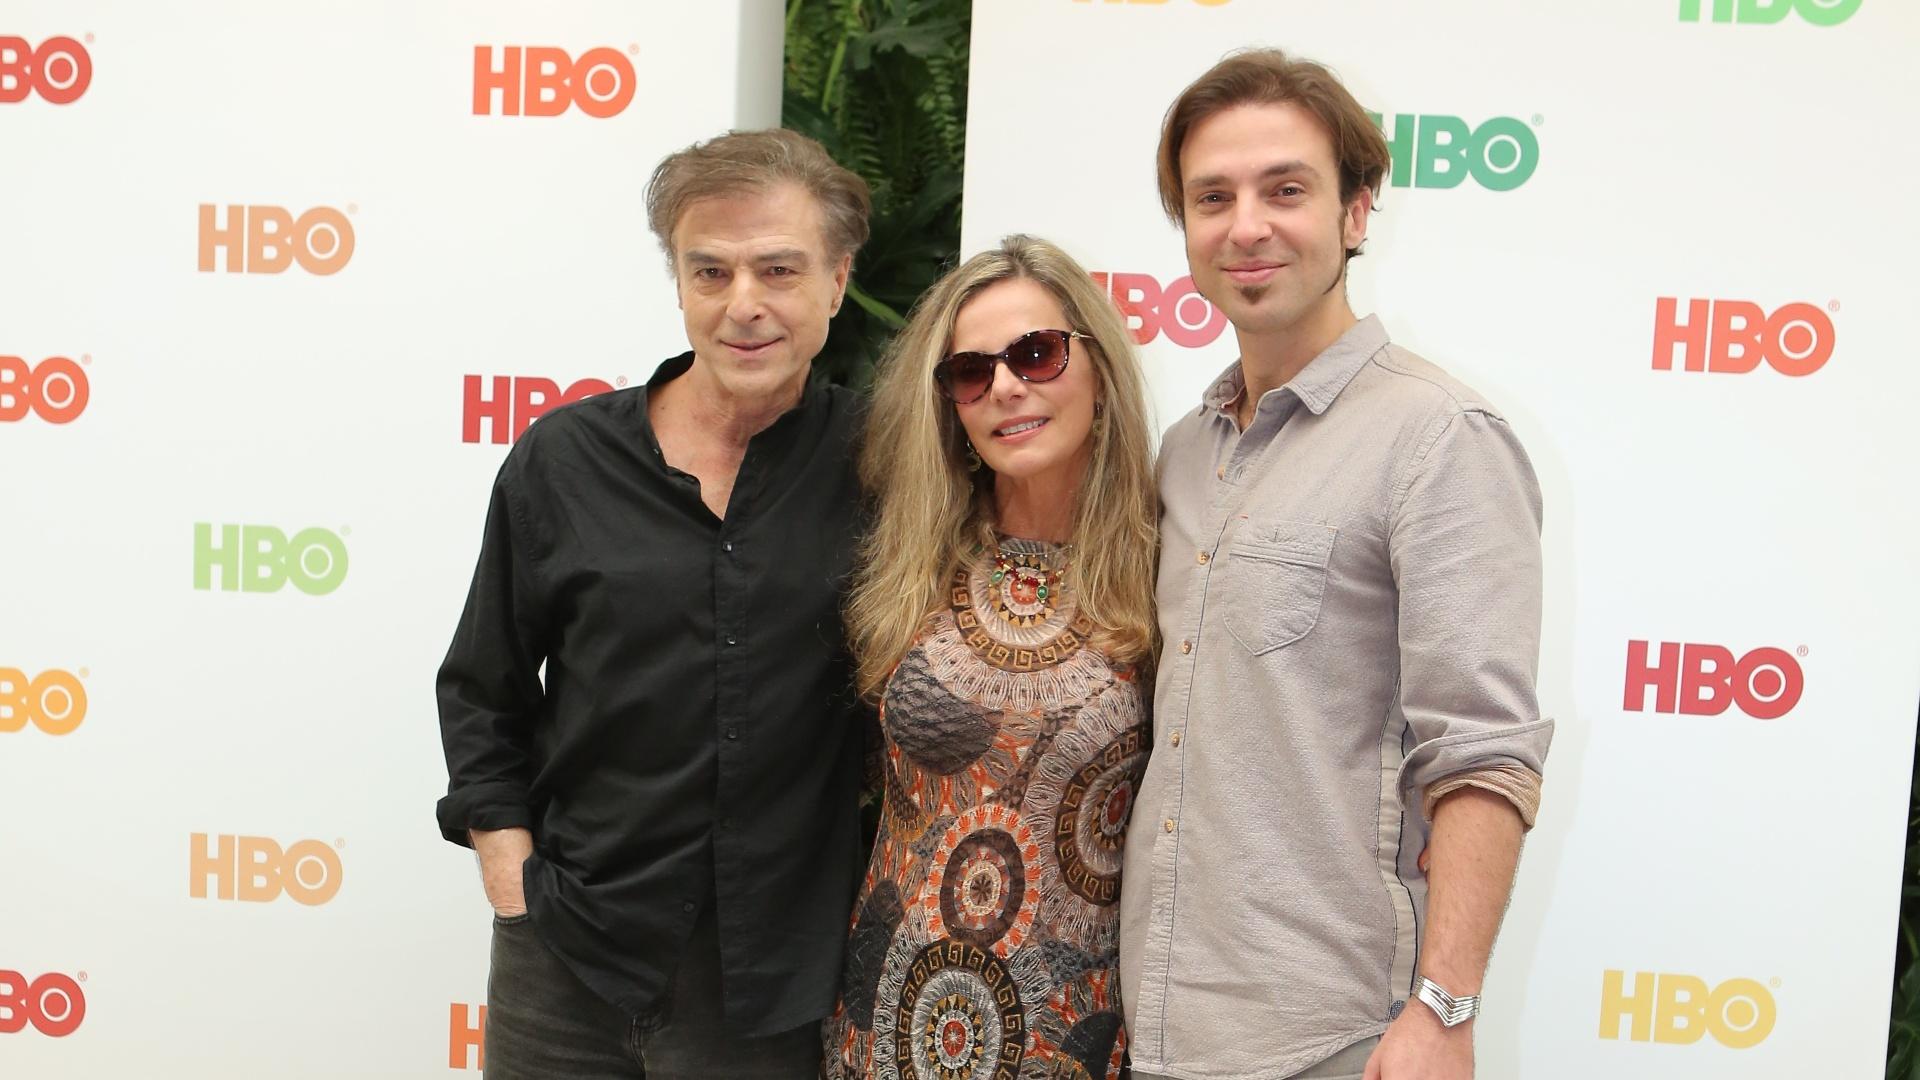 27.jul.2016 - Carlos Alberto Riccelli, Bruna Lombardi e o filho do casal, Kim, anunciam parceria com a HBO para nova série do canal